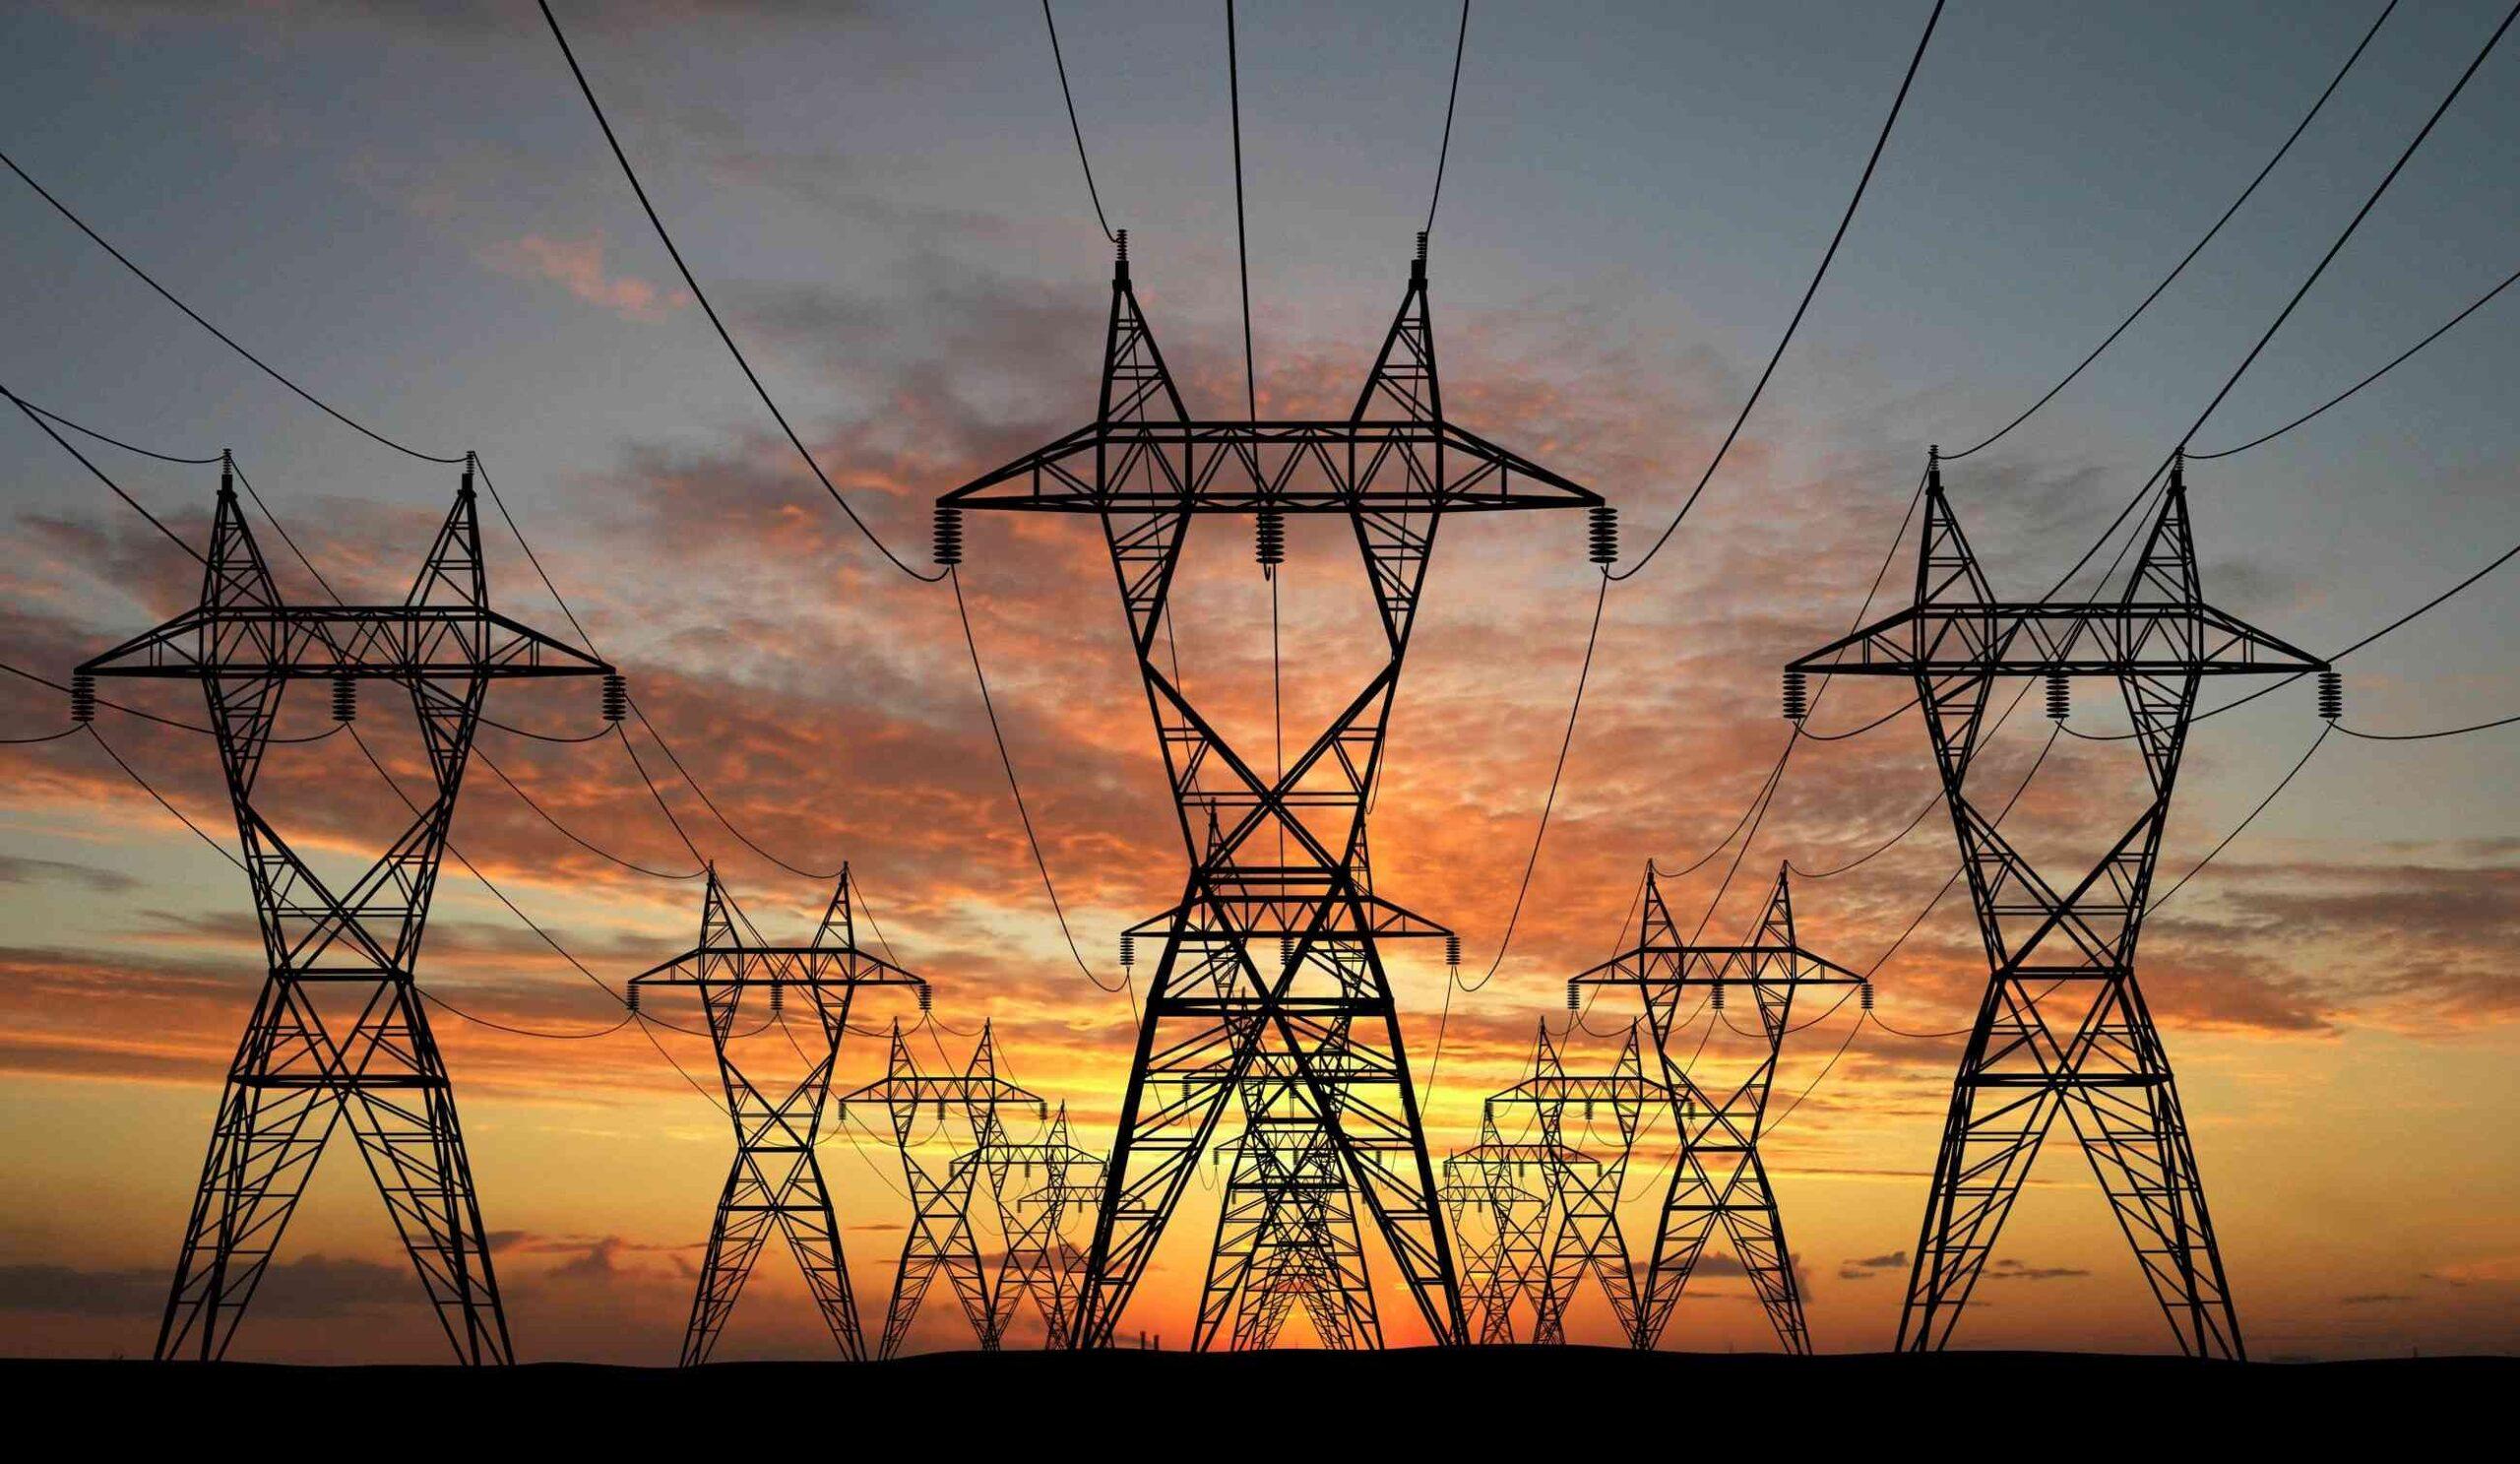 وزير الكهرباء يتحدث عن مستقبل الكهرباء في سوريا